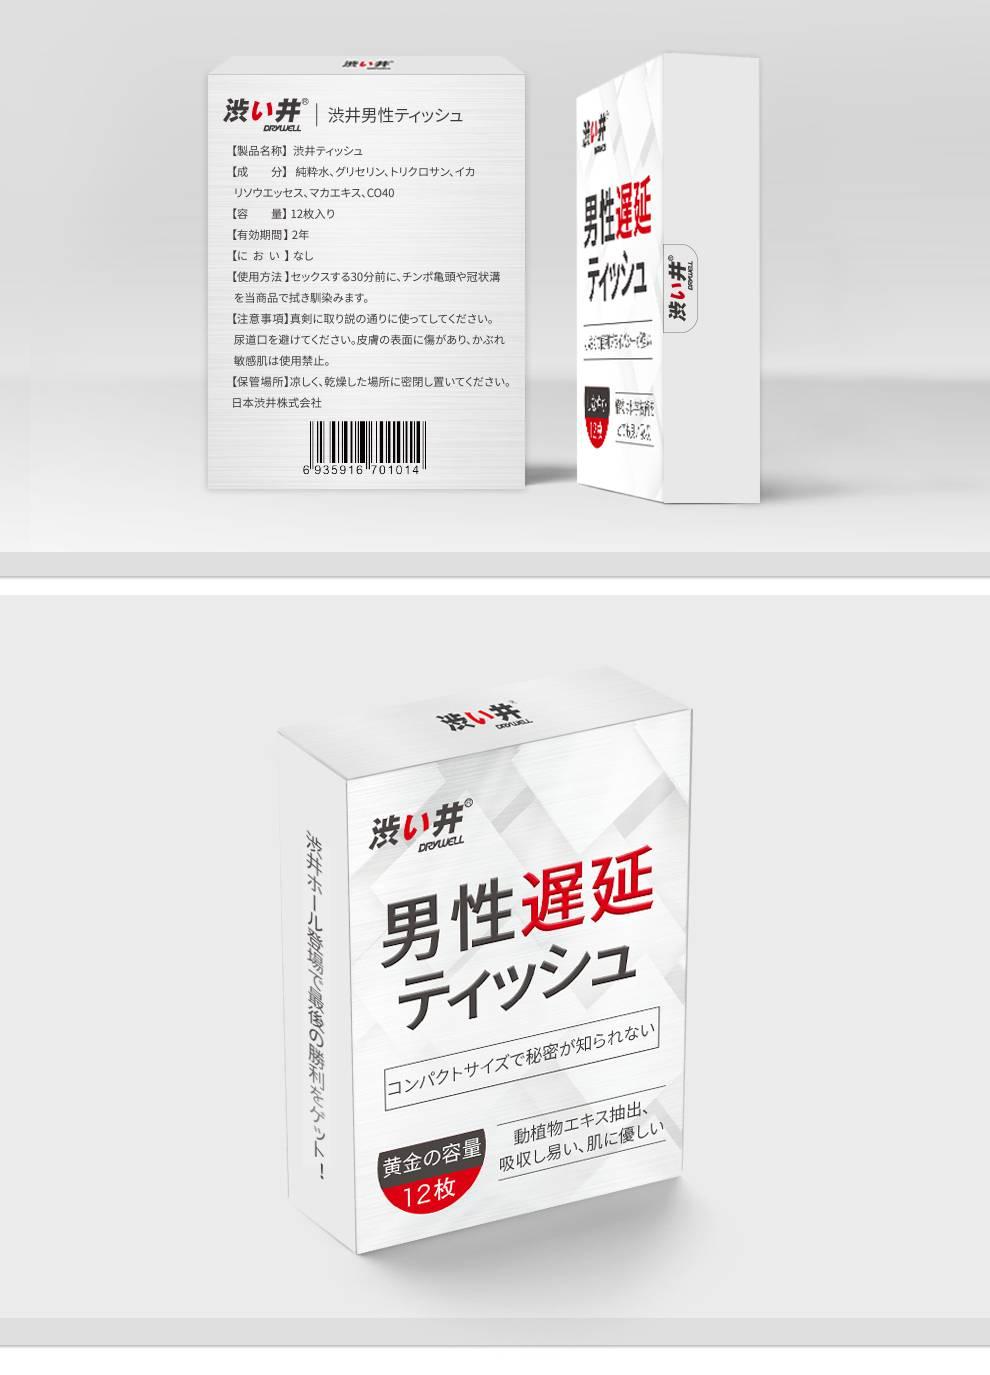 延时湿巾-新包装-_19.jpg